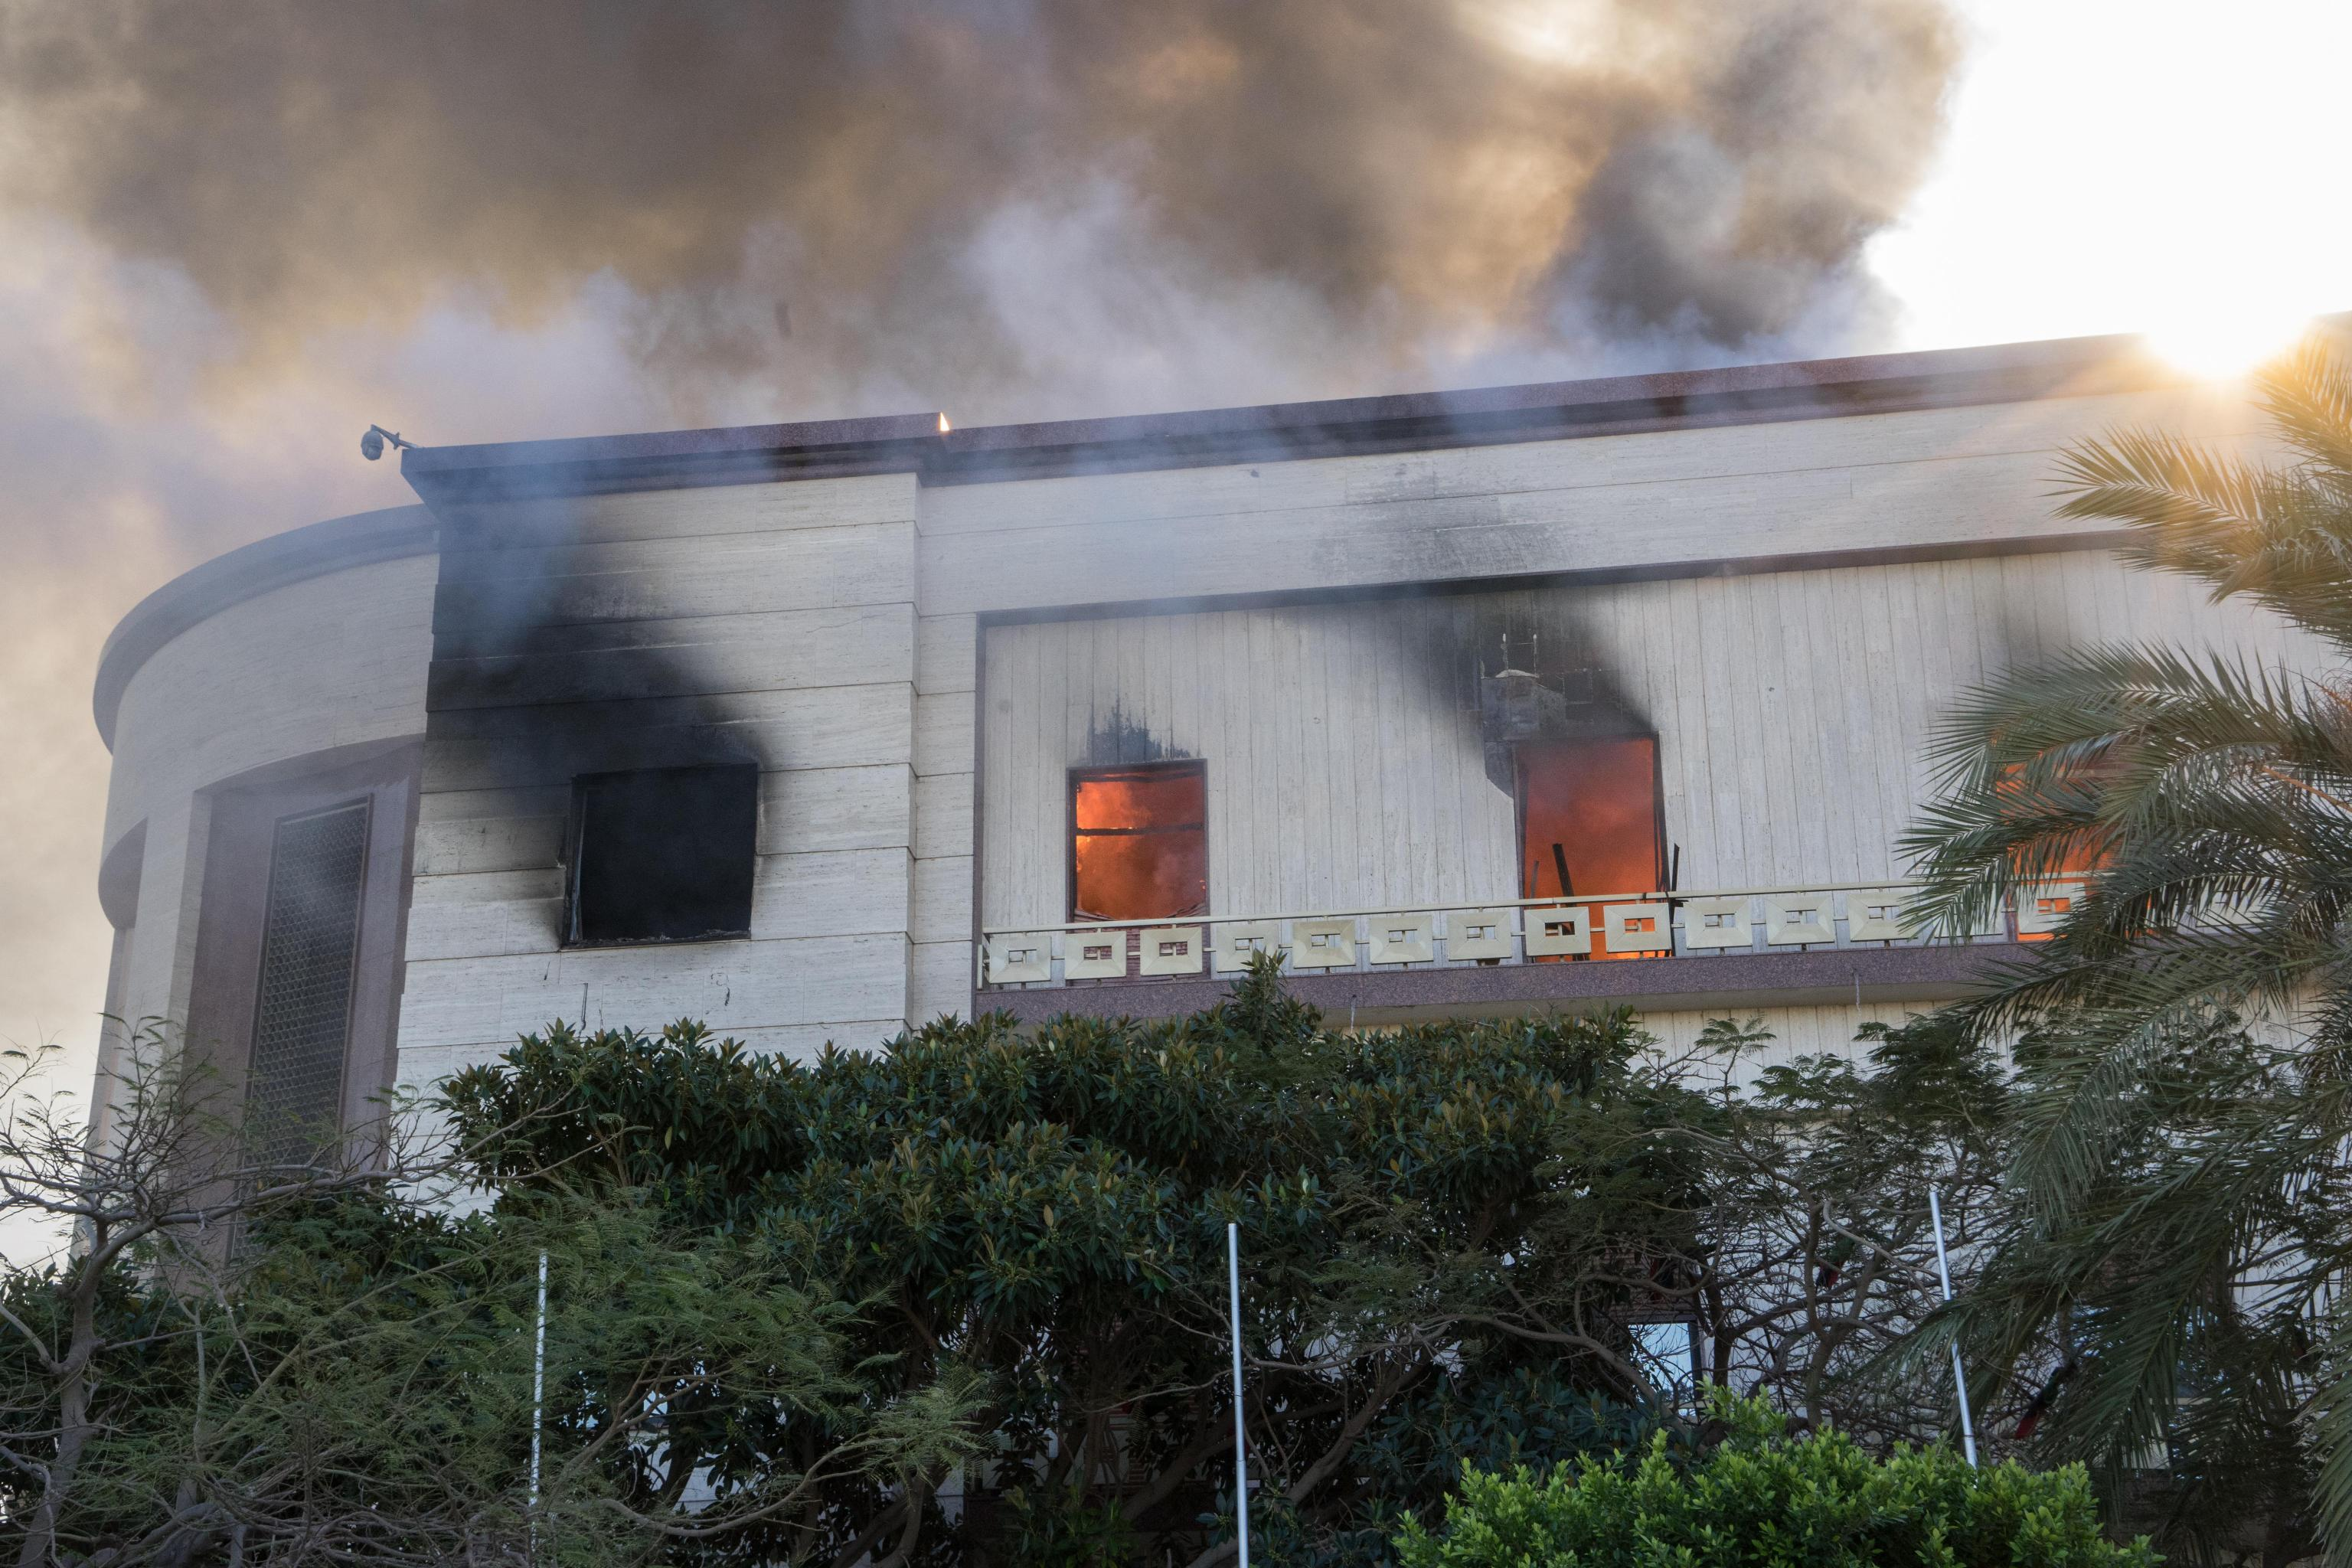 Attacco terroristico al ministero degli Esteri in Libia: cosa sappiamo